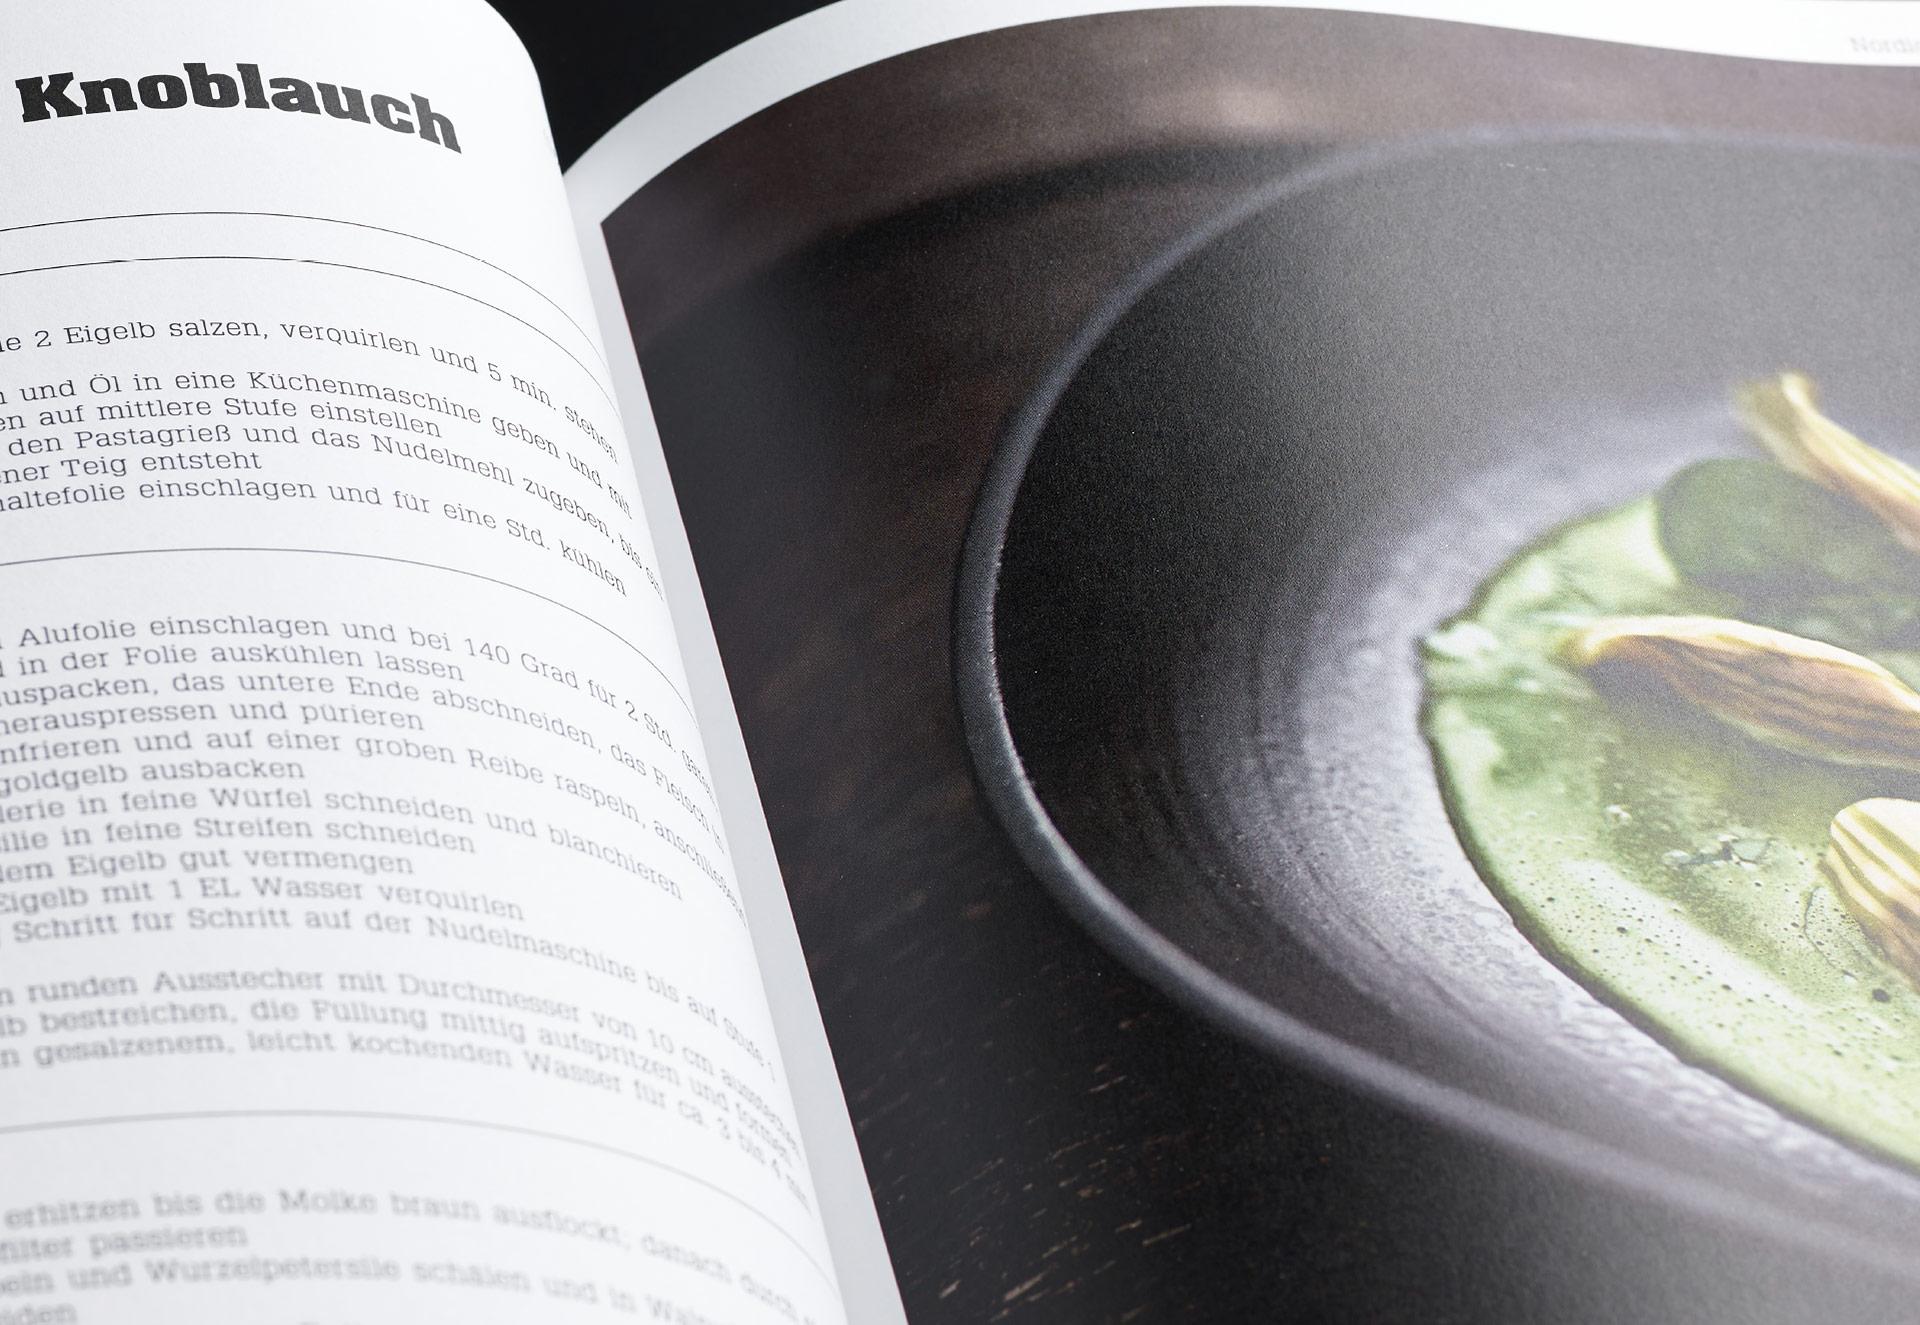 Druckerzeugnisse für die Gastronomie und Hotellerie 16a